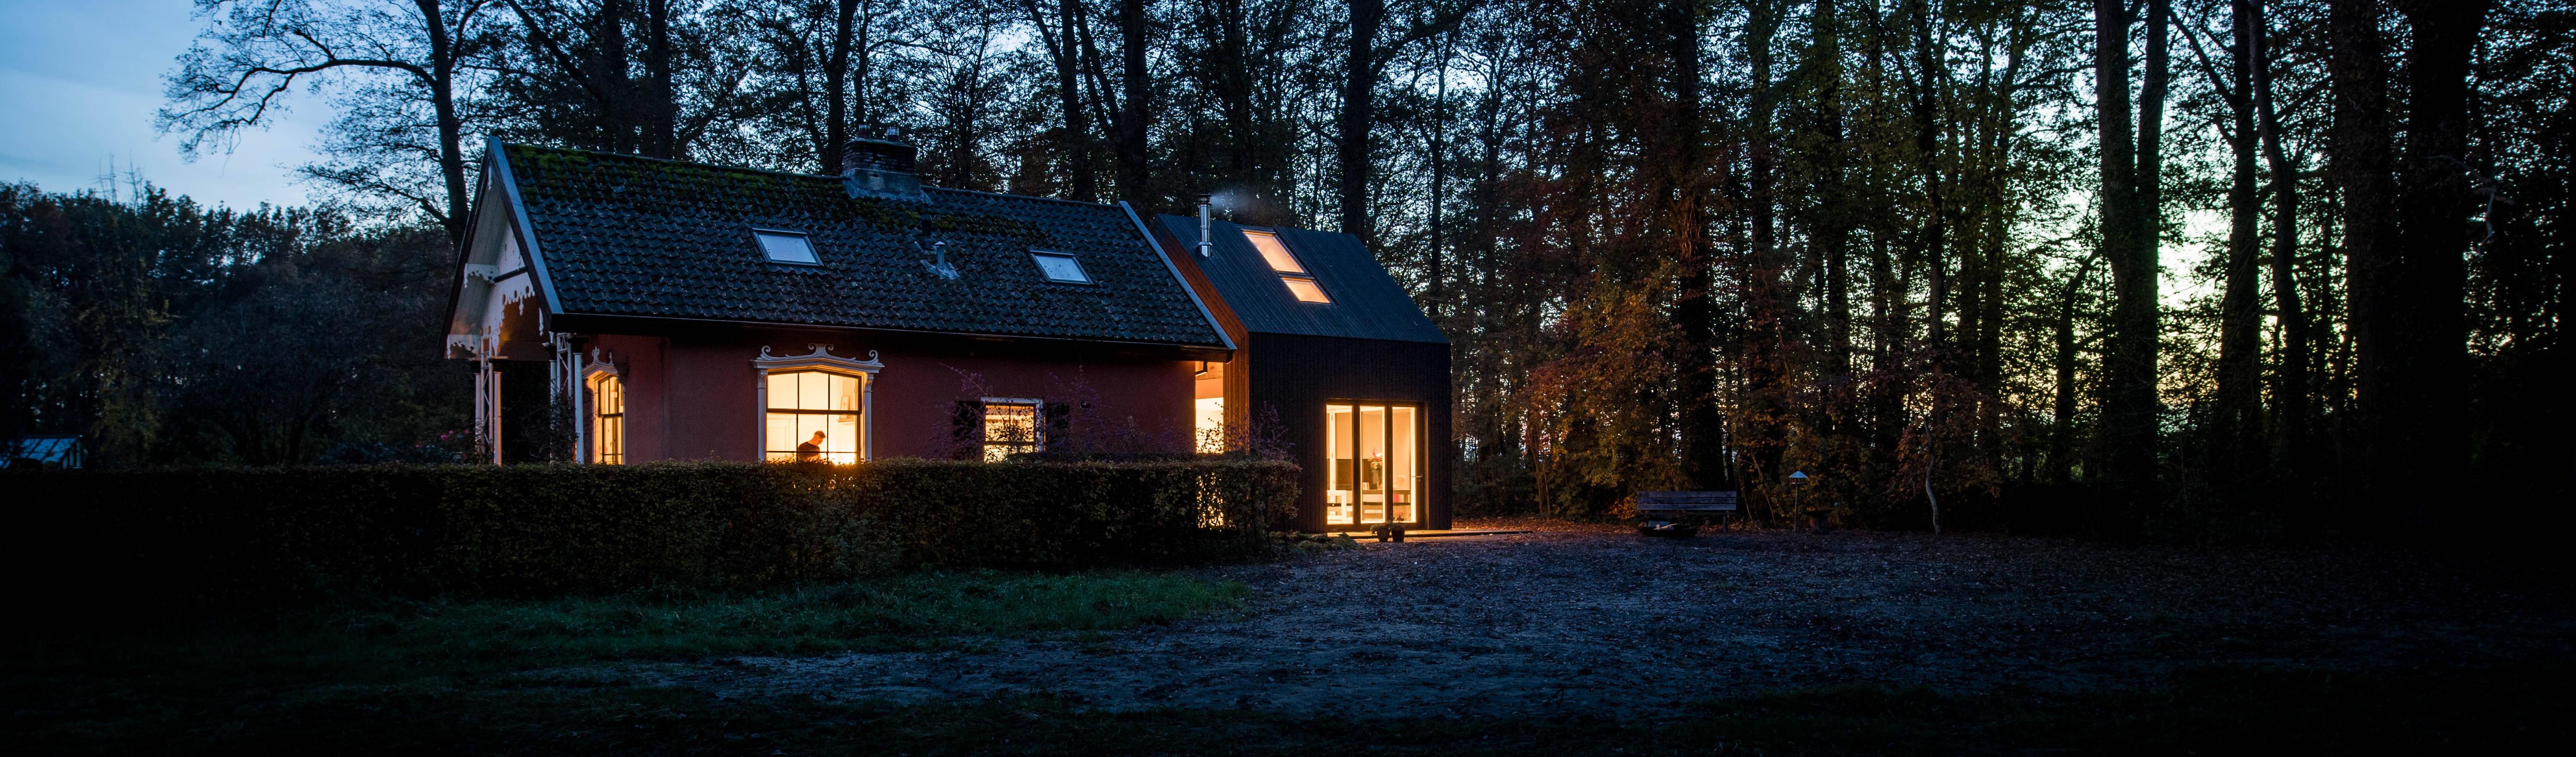 Studio Groen+Schild